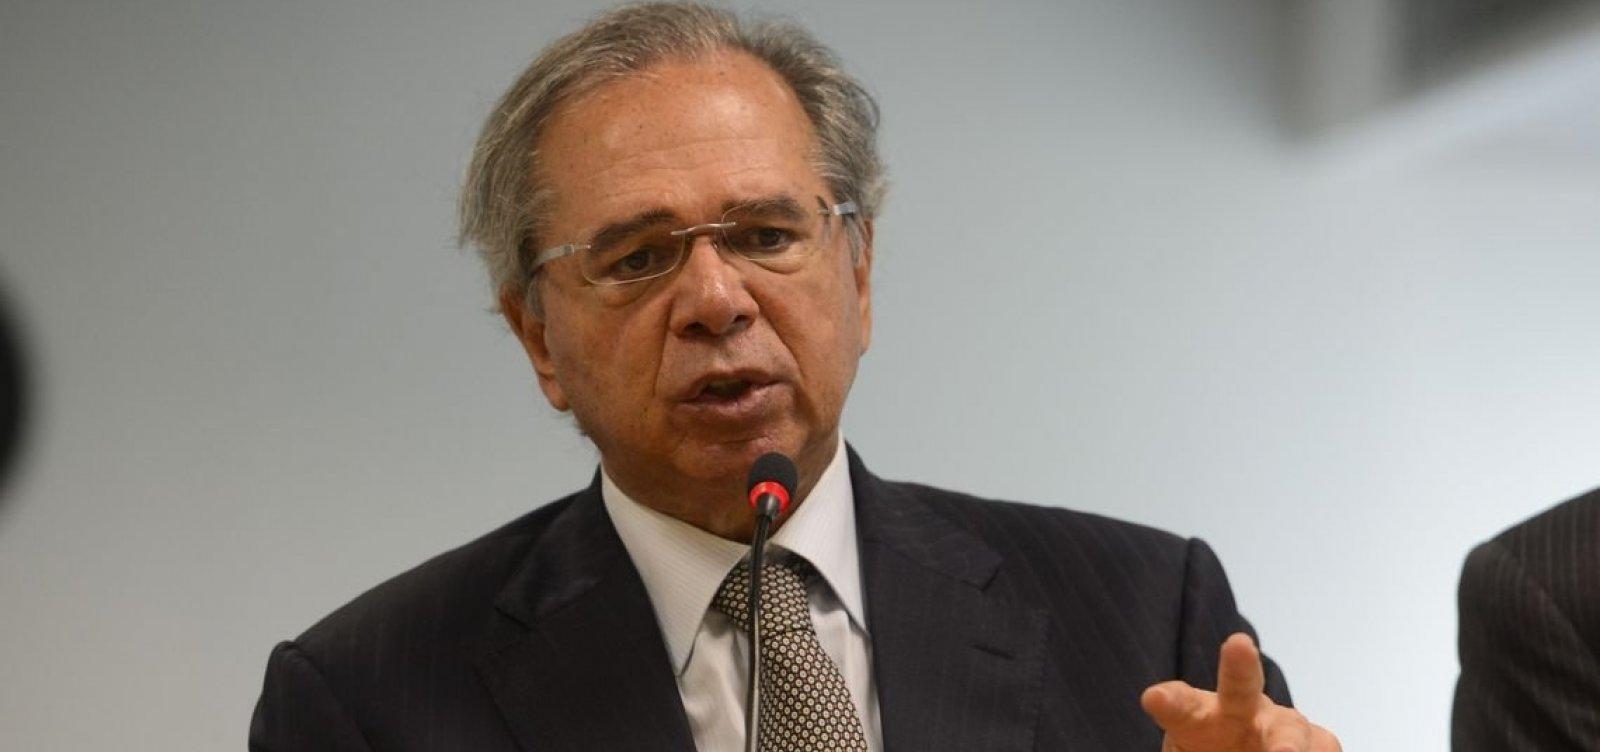 Guedes quer abater R$ 220 bilhões da dívida pública com fundos federais